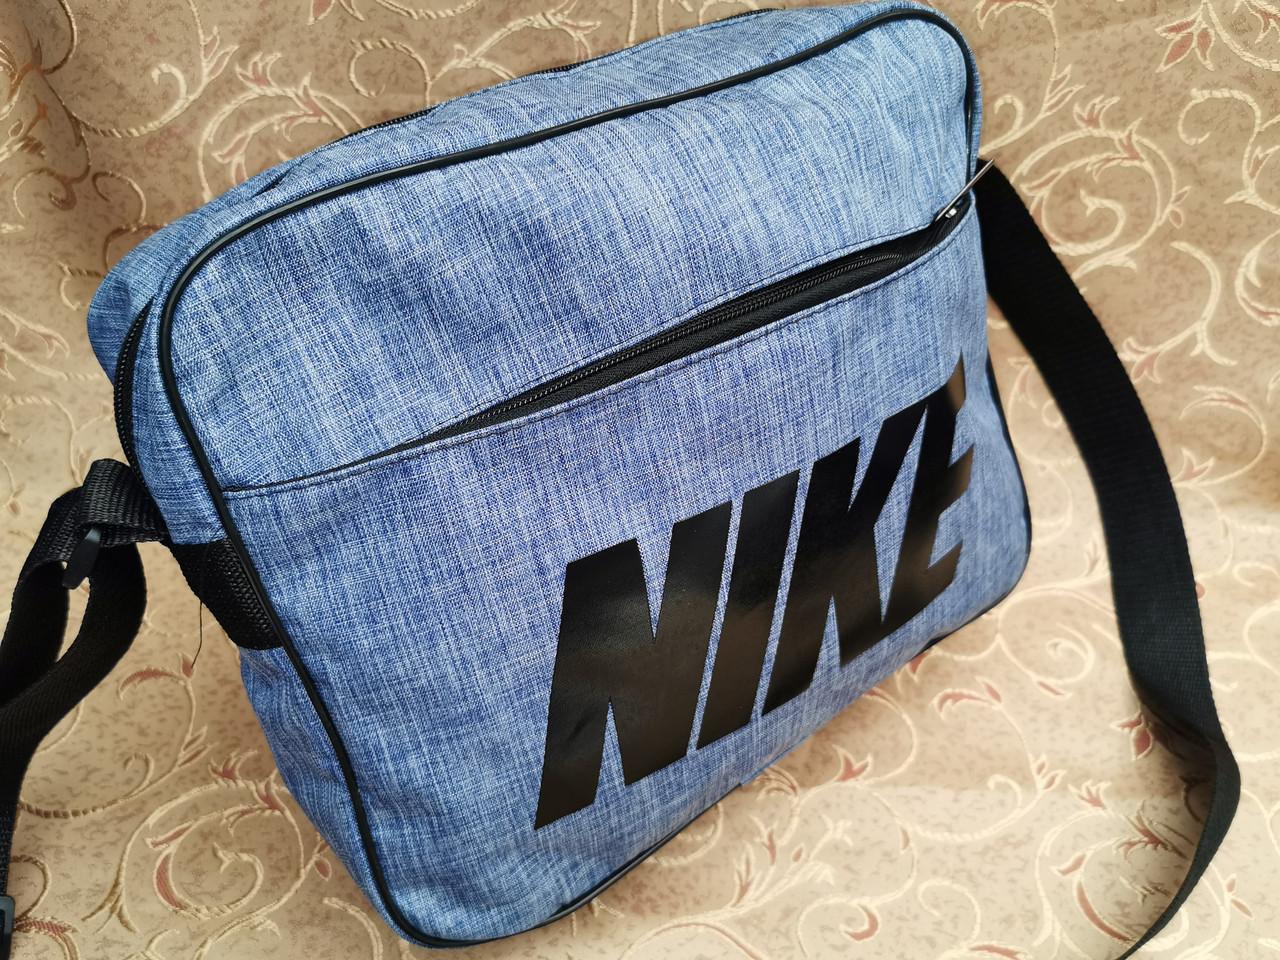 Сумка планшет на плечо nike мессенджер сумка для через плечо только ОПТ